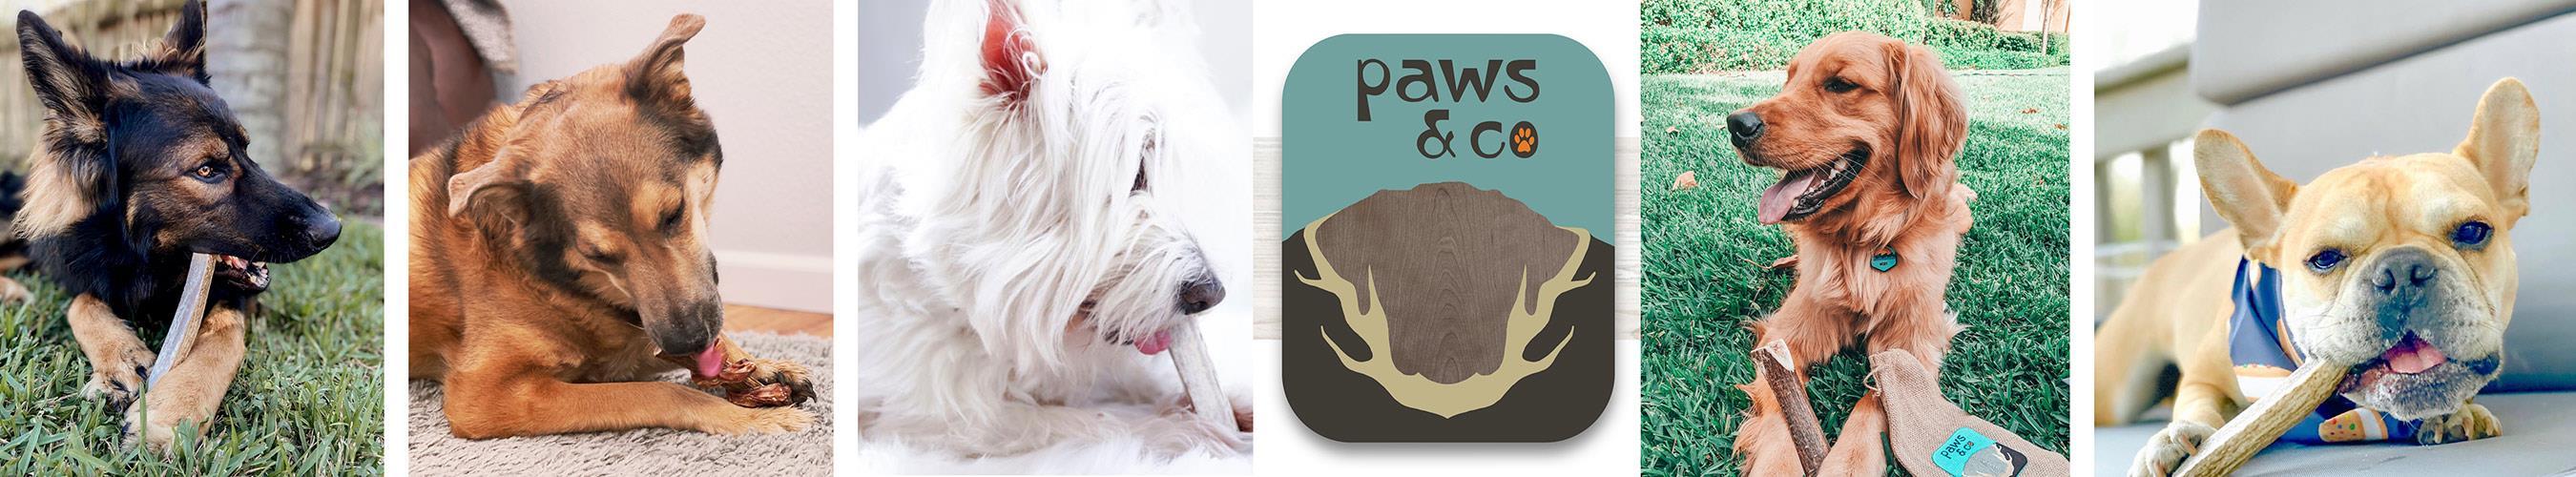 Paws & Co